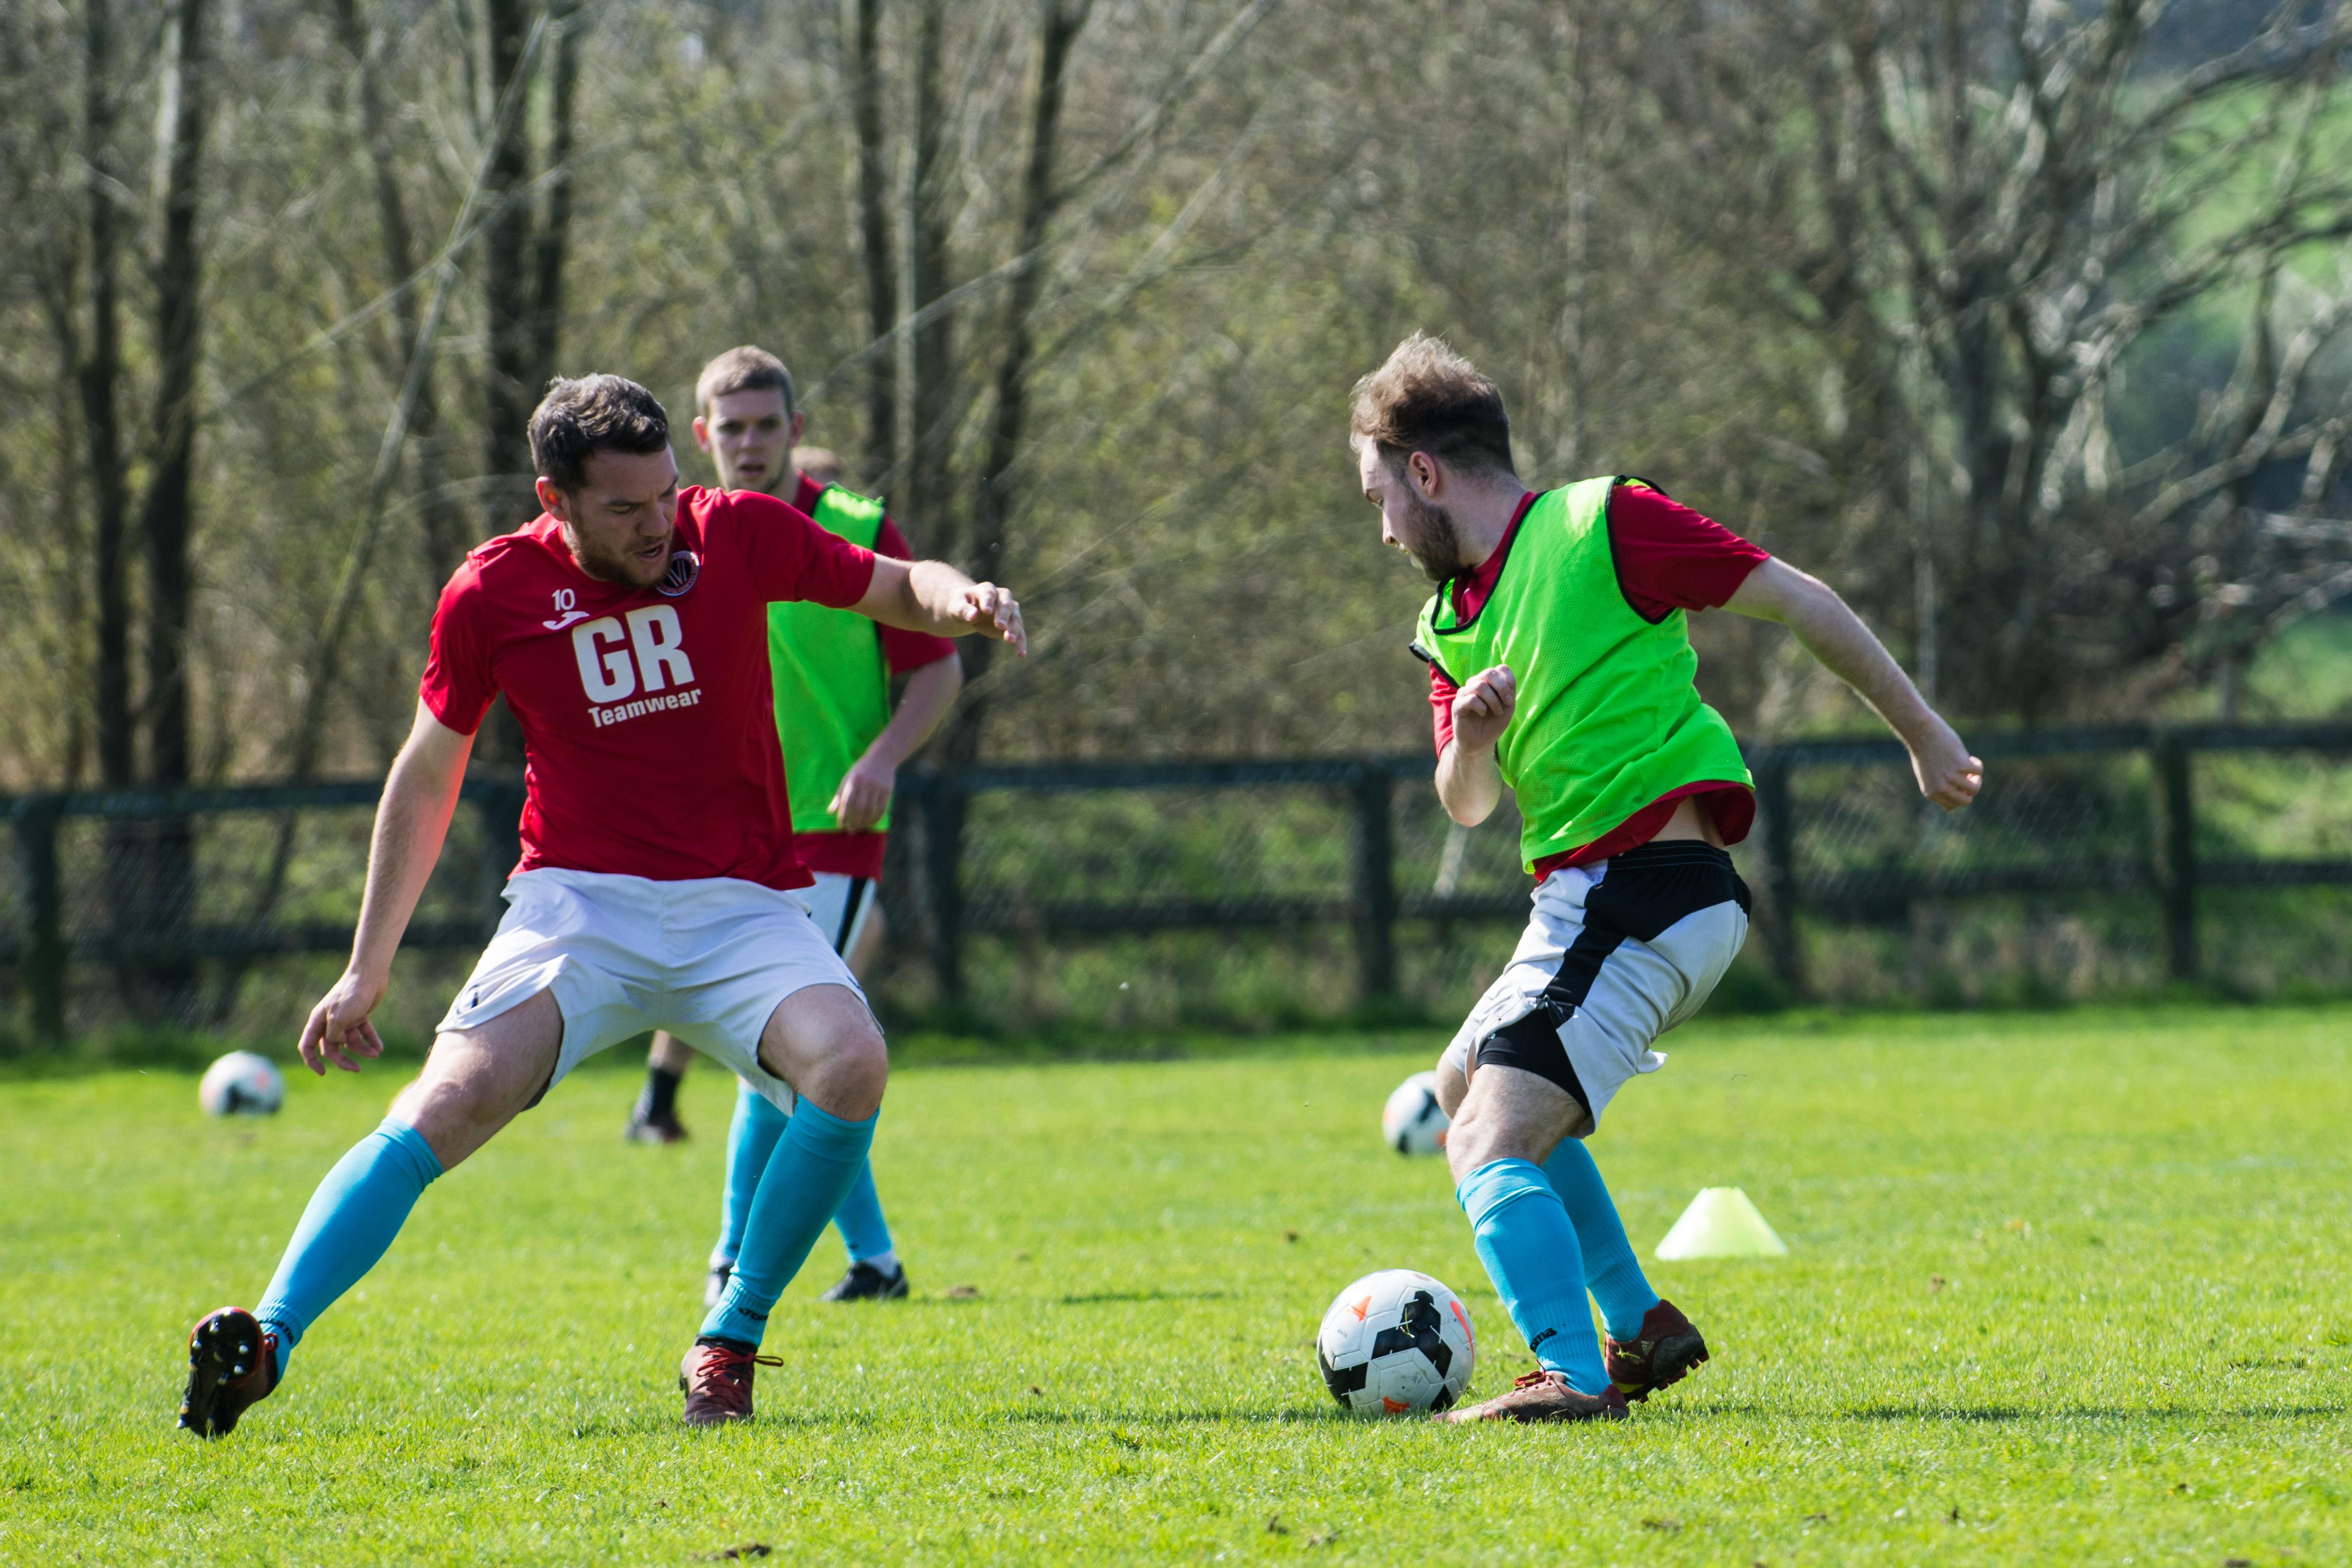 DAVID_JEFFERY Billingshurst FC vs AFC Varndeanians 14.04.18 11